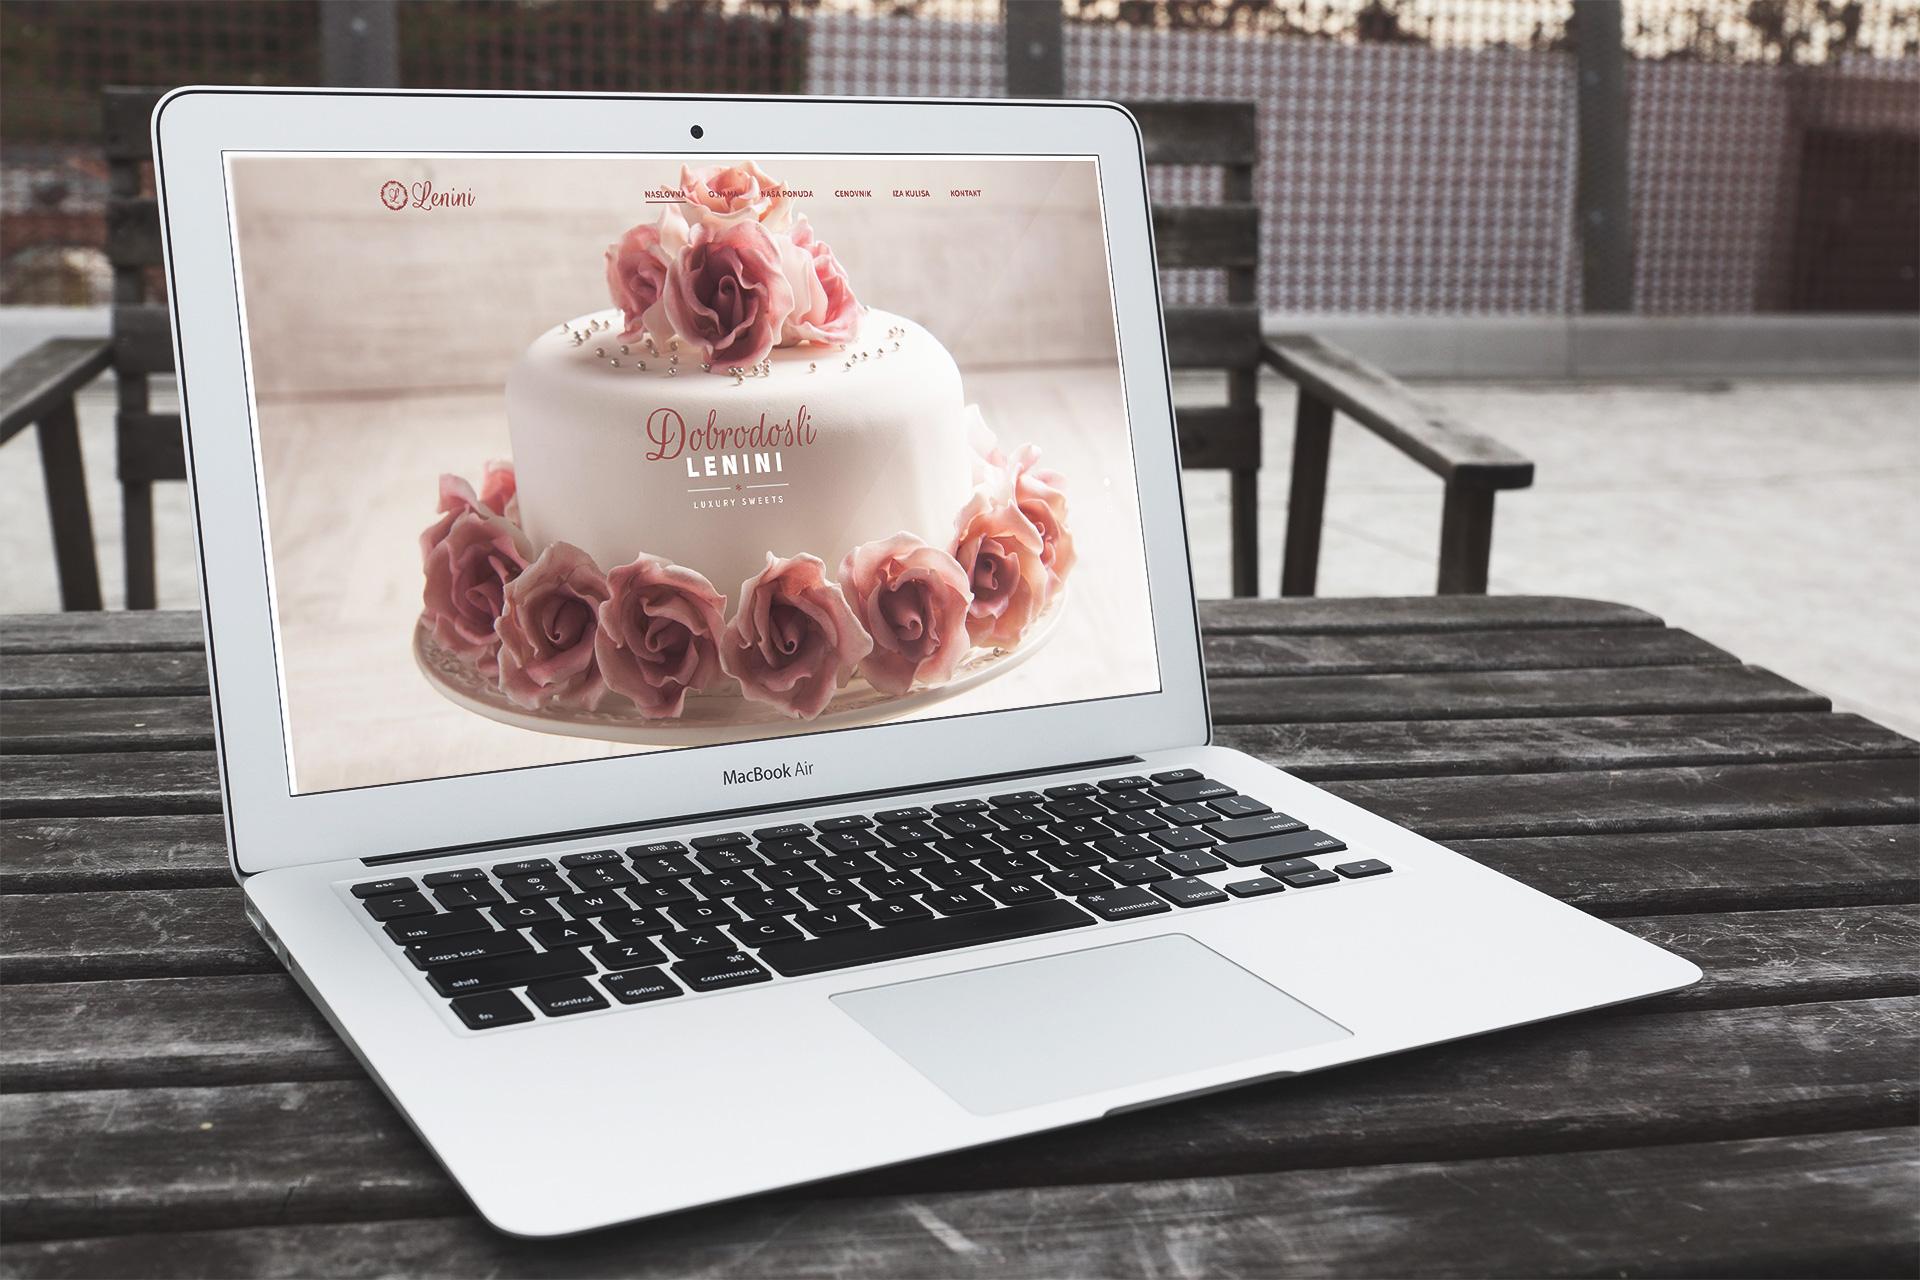 Dizajn i izrada web sajta poslastičarnice Lenini